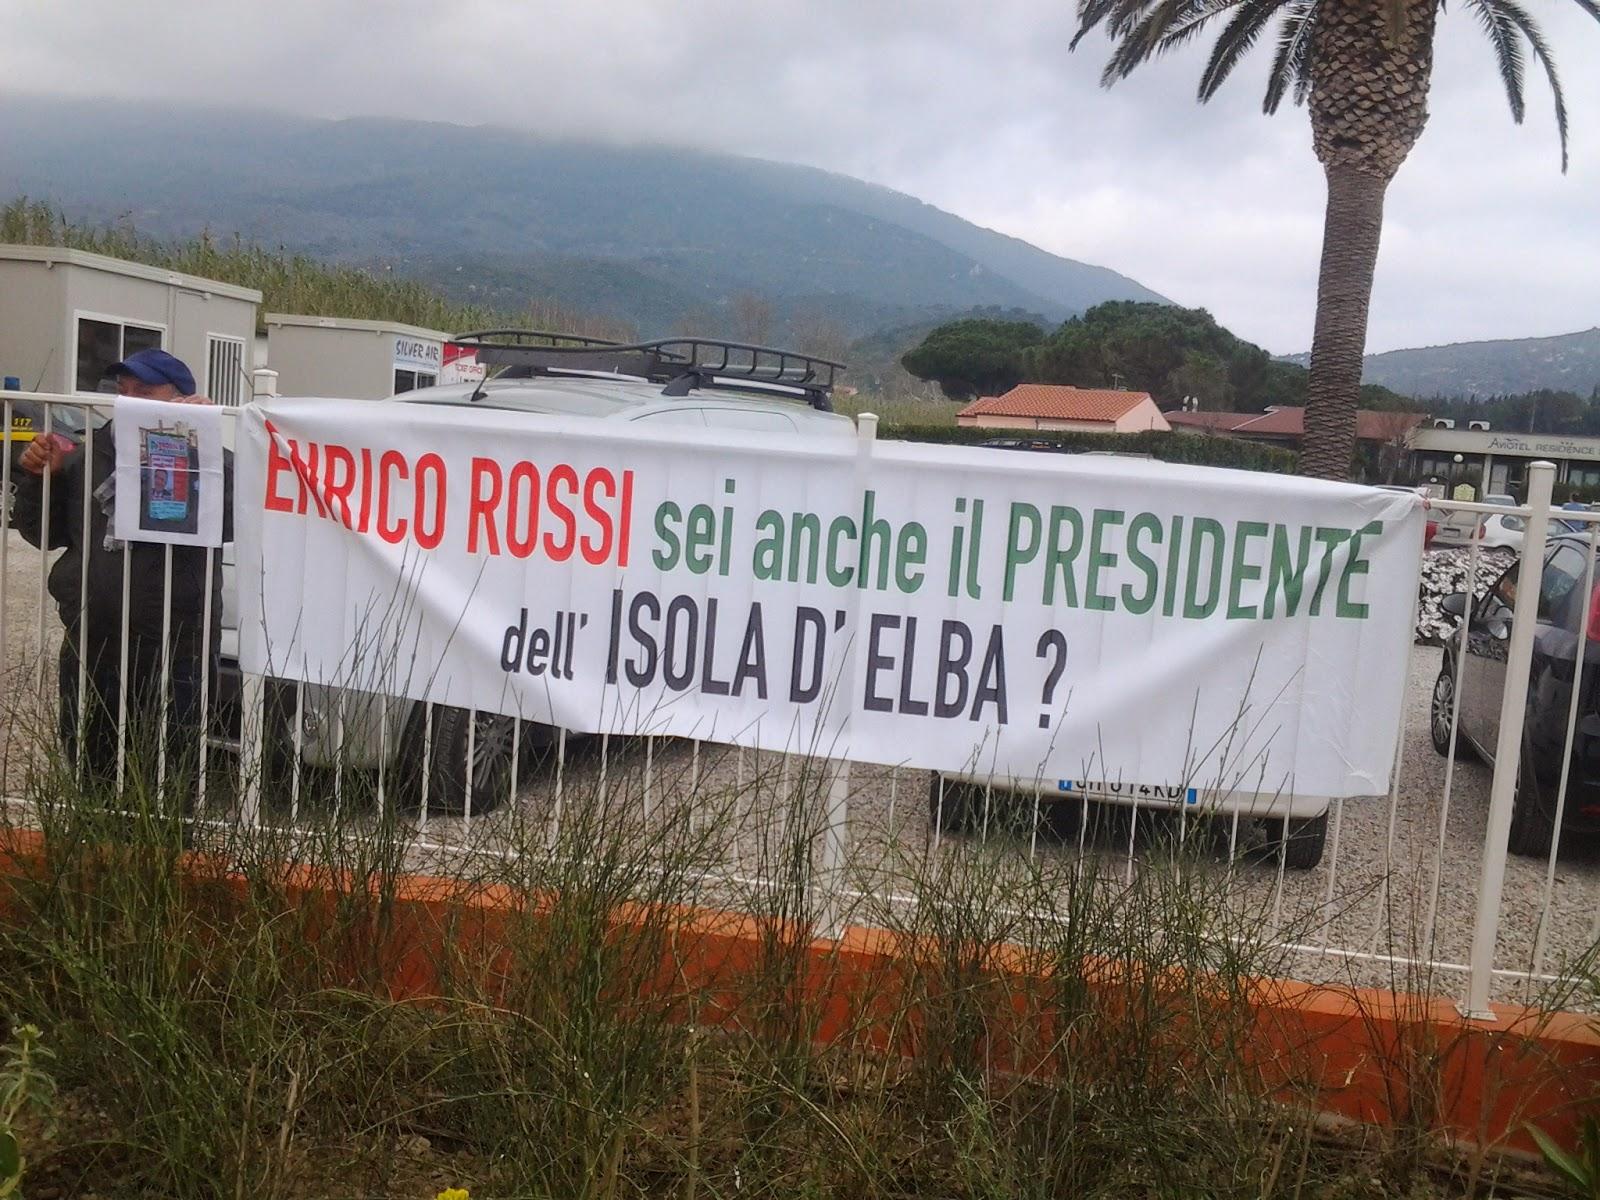 Aeroporto Elba : La voce della verità dell isola d elba elba contestato il